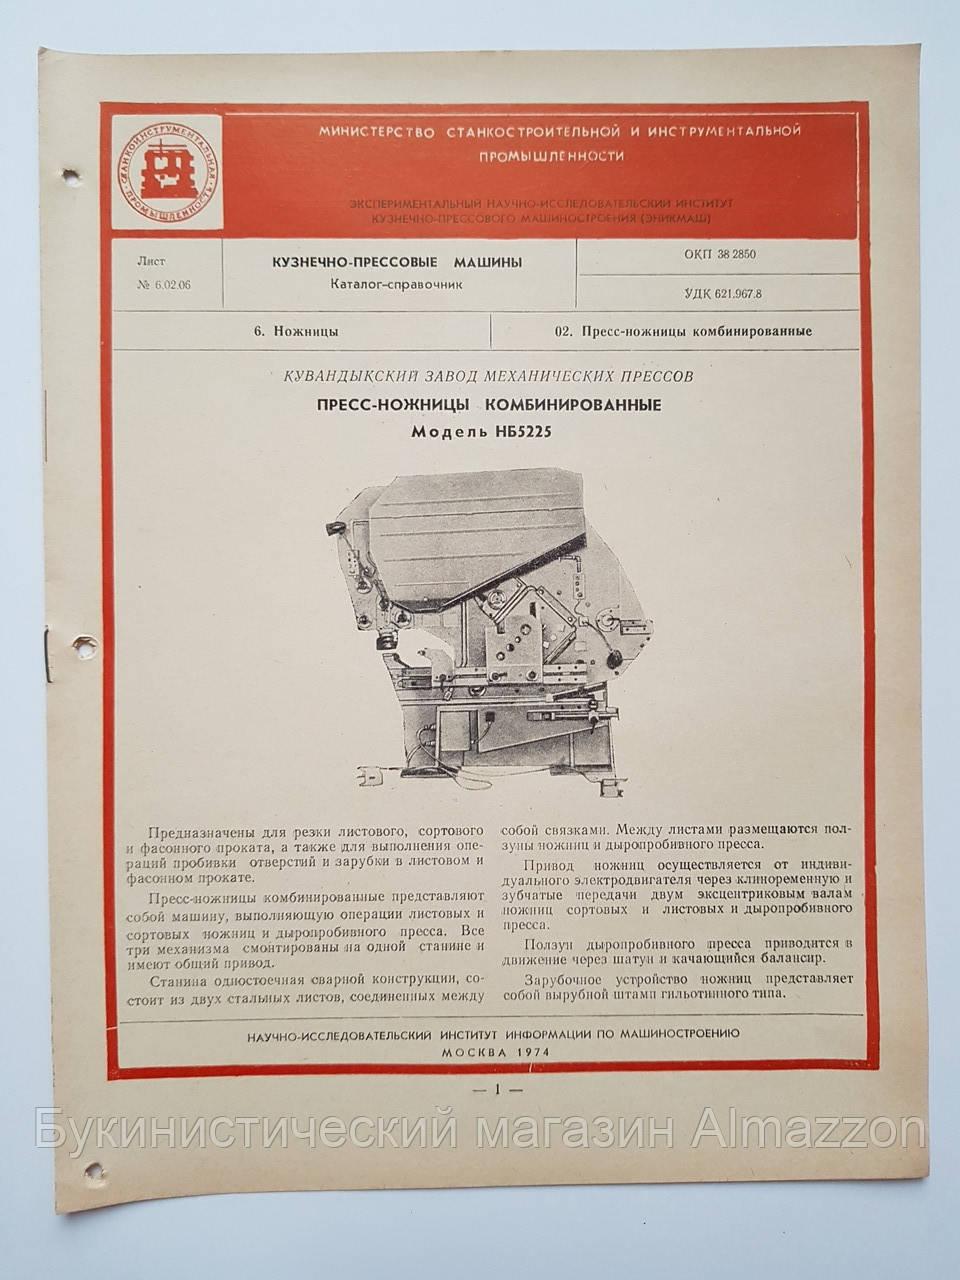 Журнал (Бюллетень) Пресс-ножницы комбинированные Нб5225   06.02.06